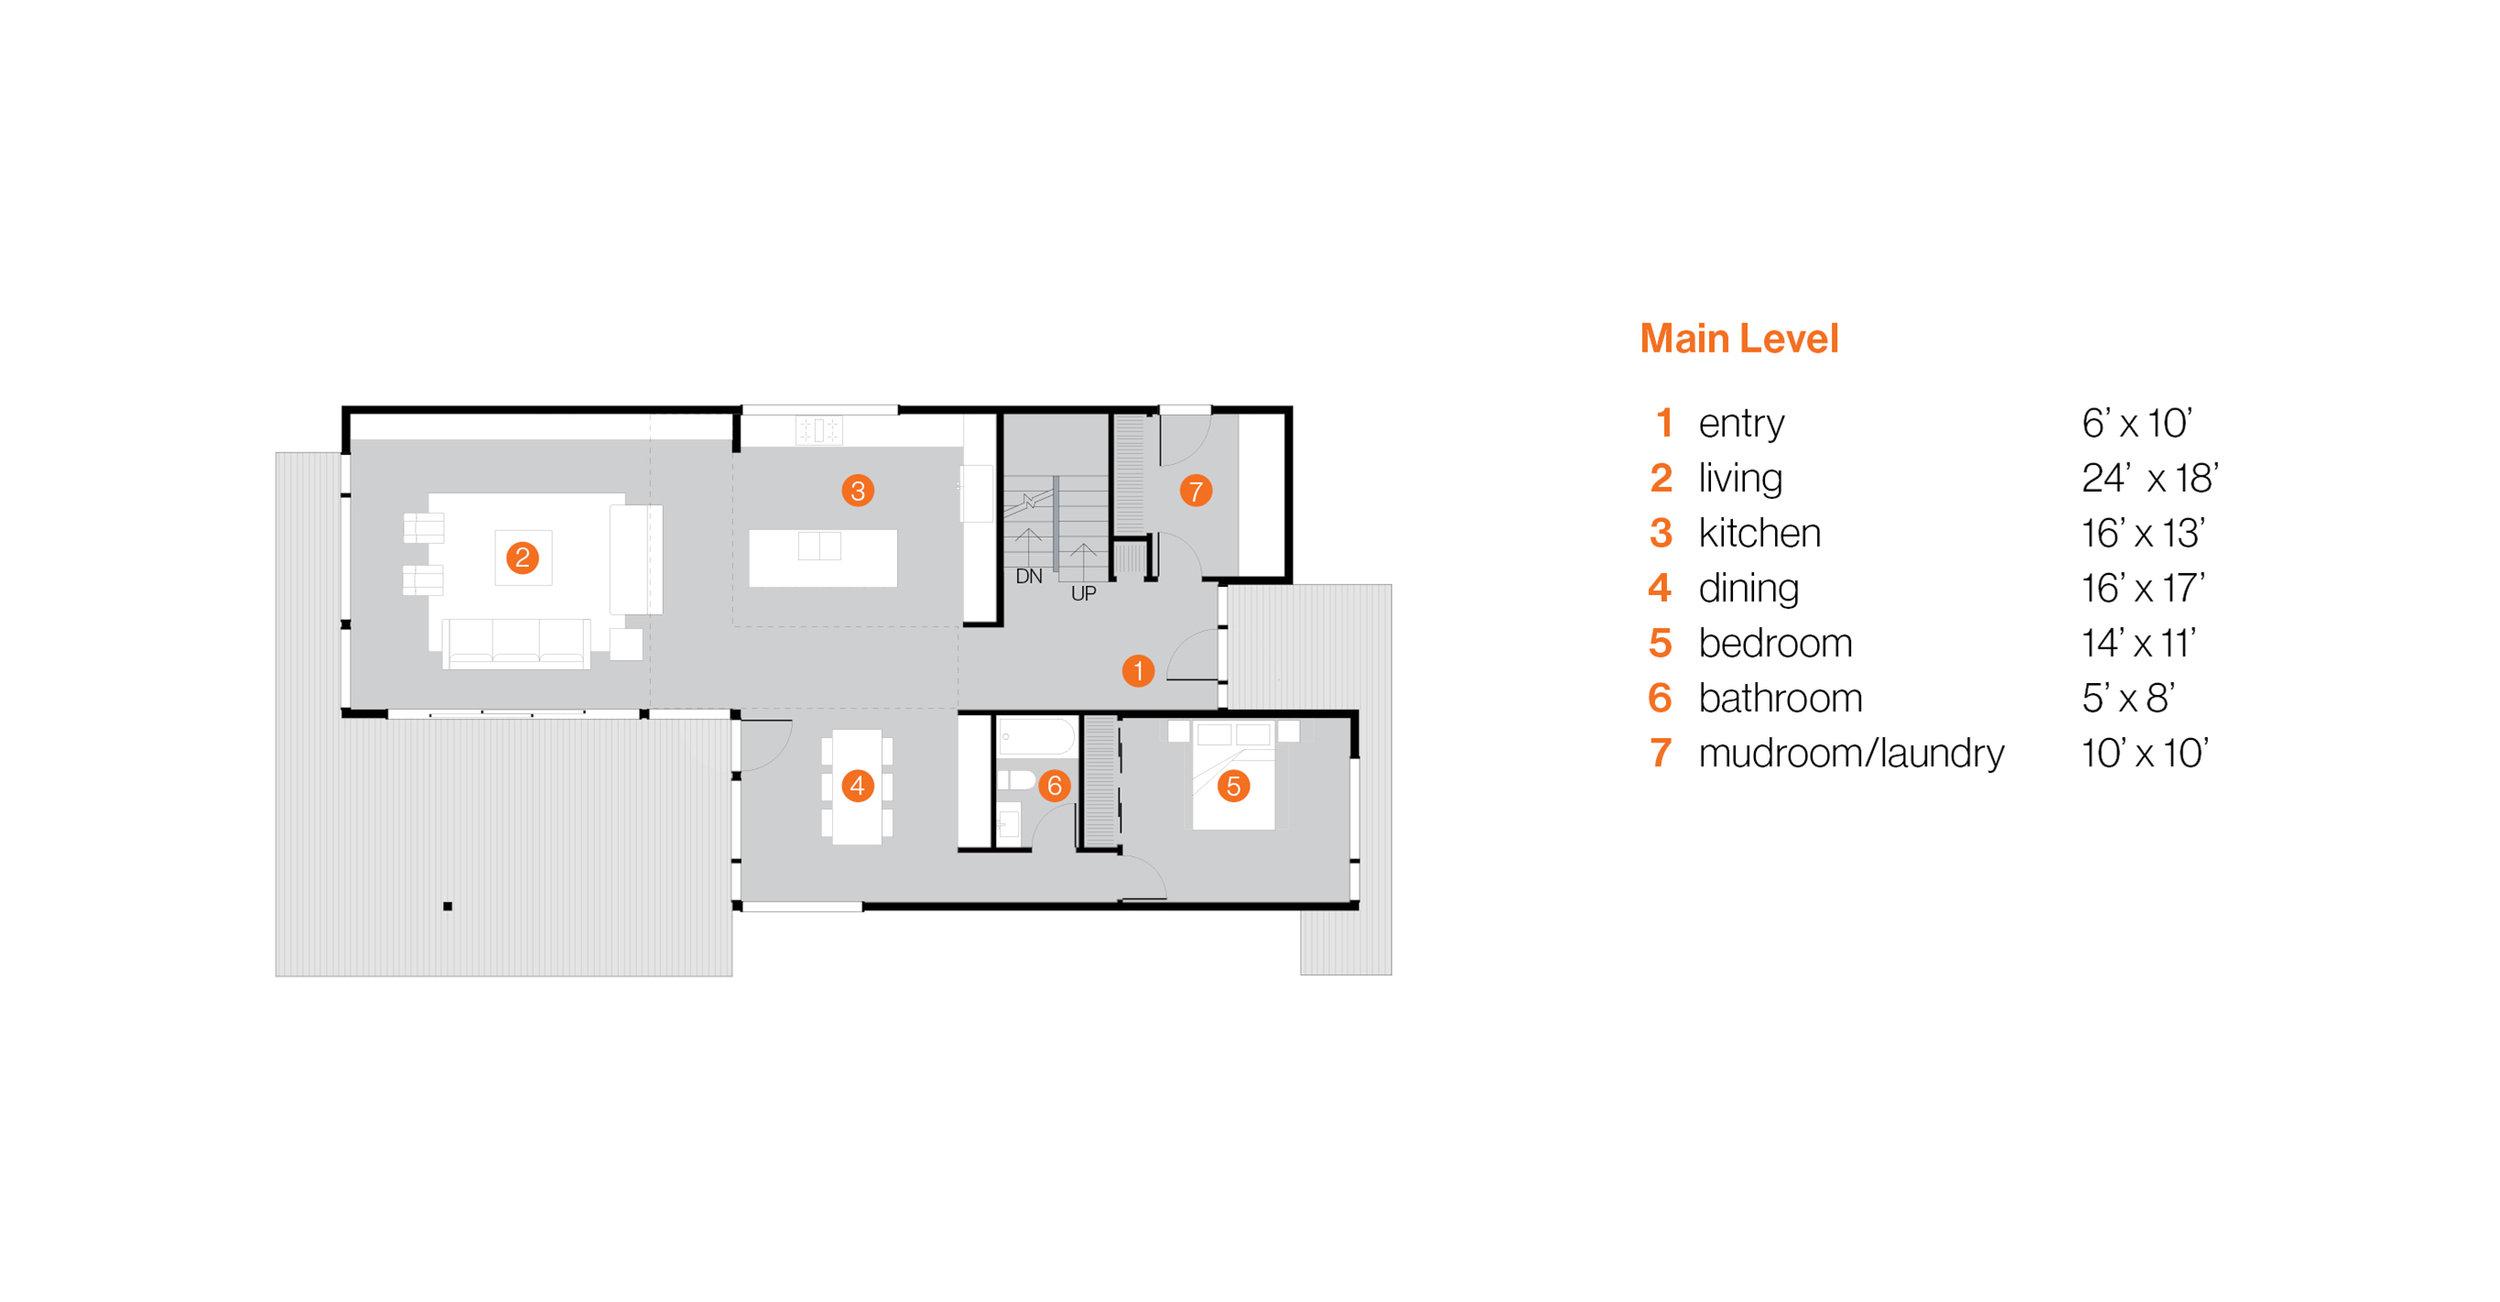 turkel_design_modern_prefab_home_axiom_series_axiom2340_plan_main..jpg